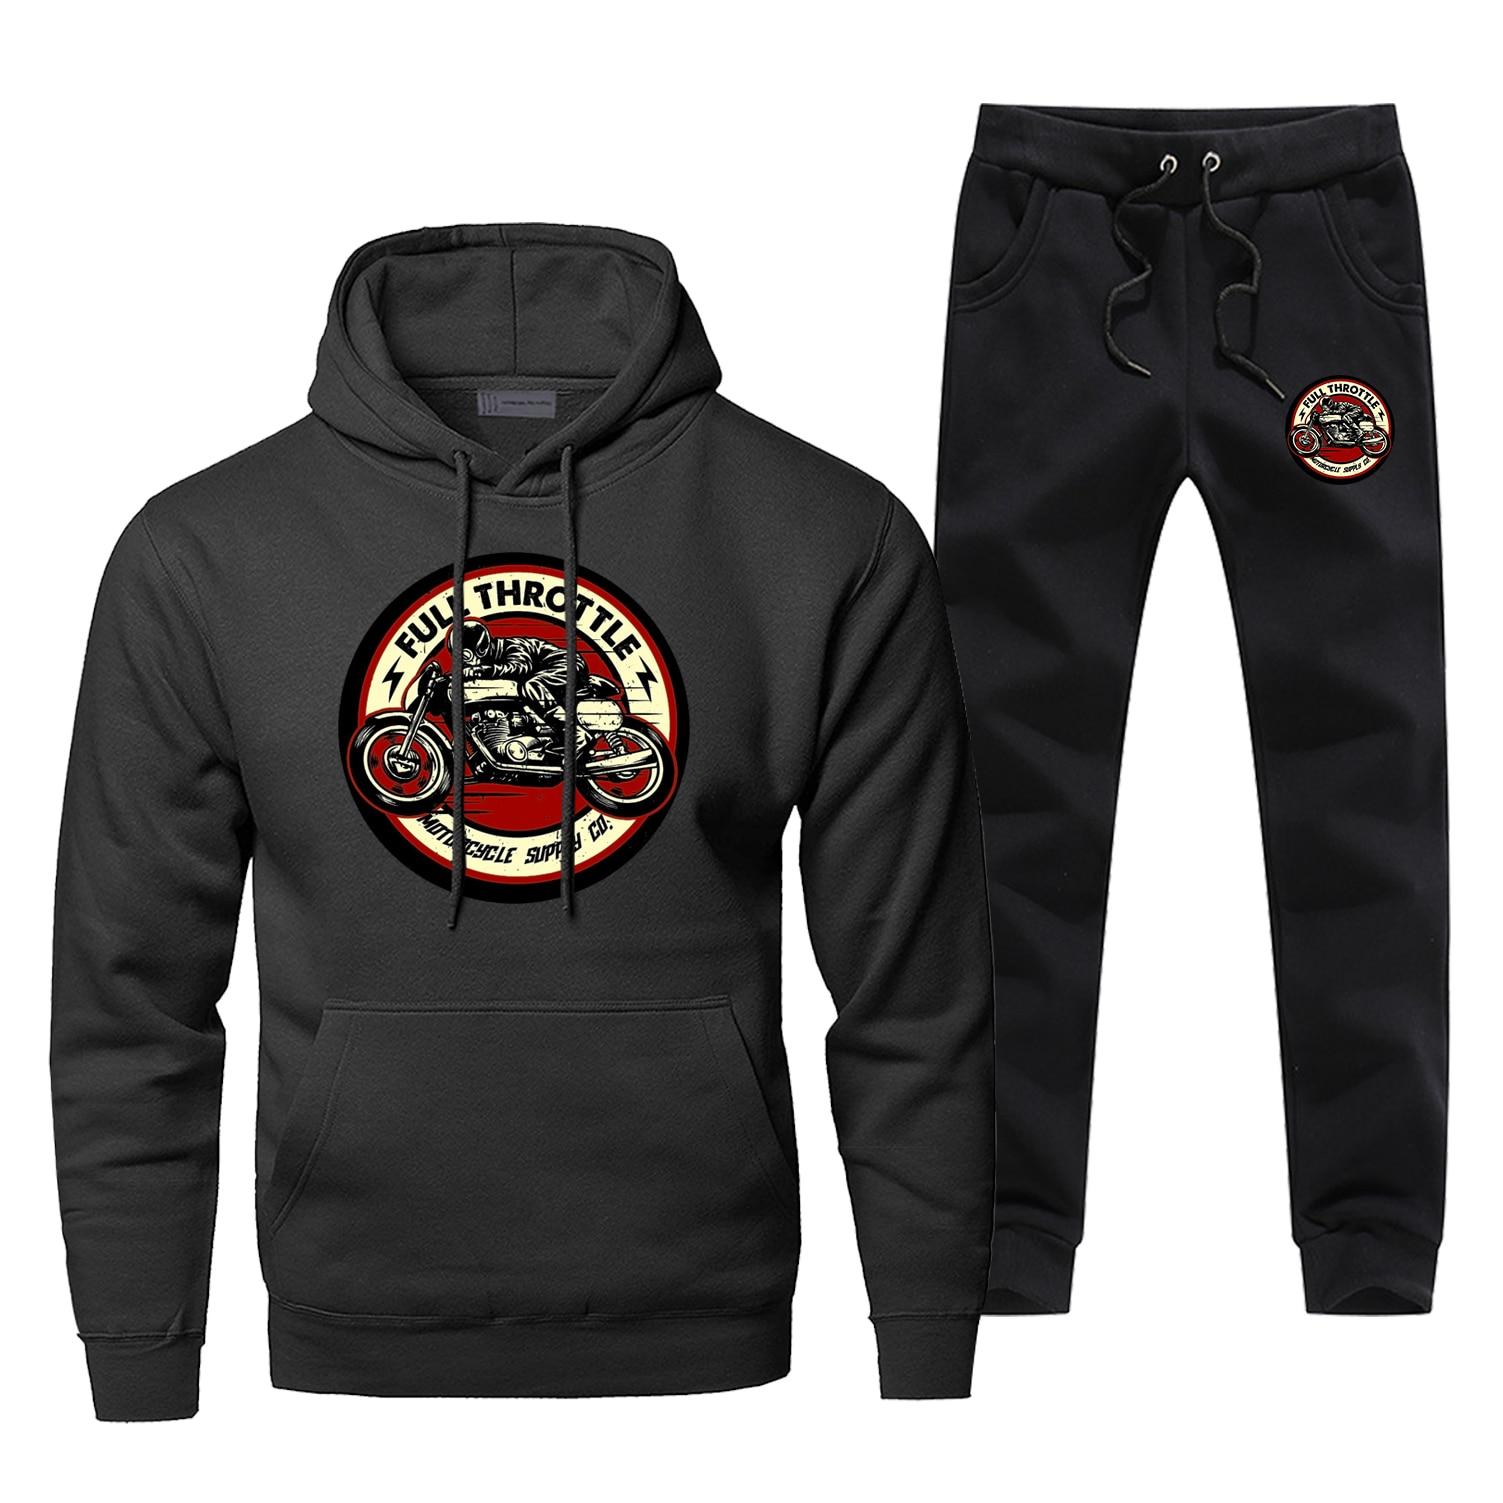 Hoodie Pants Set Full Throttle Cafe Men Racer Sweatshirt Male Hoodies Sweatshirts Mens Sets Two Piece Pant Pullover Hoody Coat